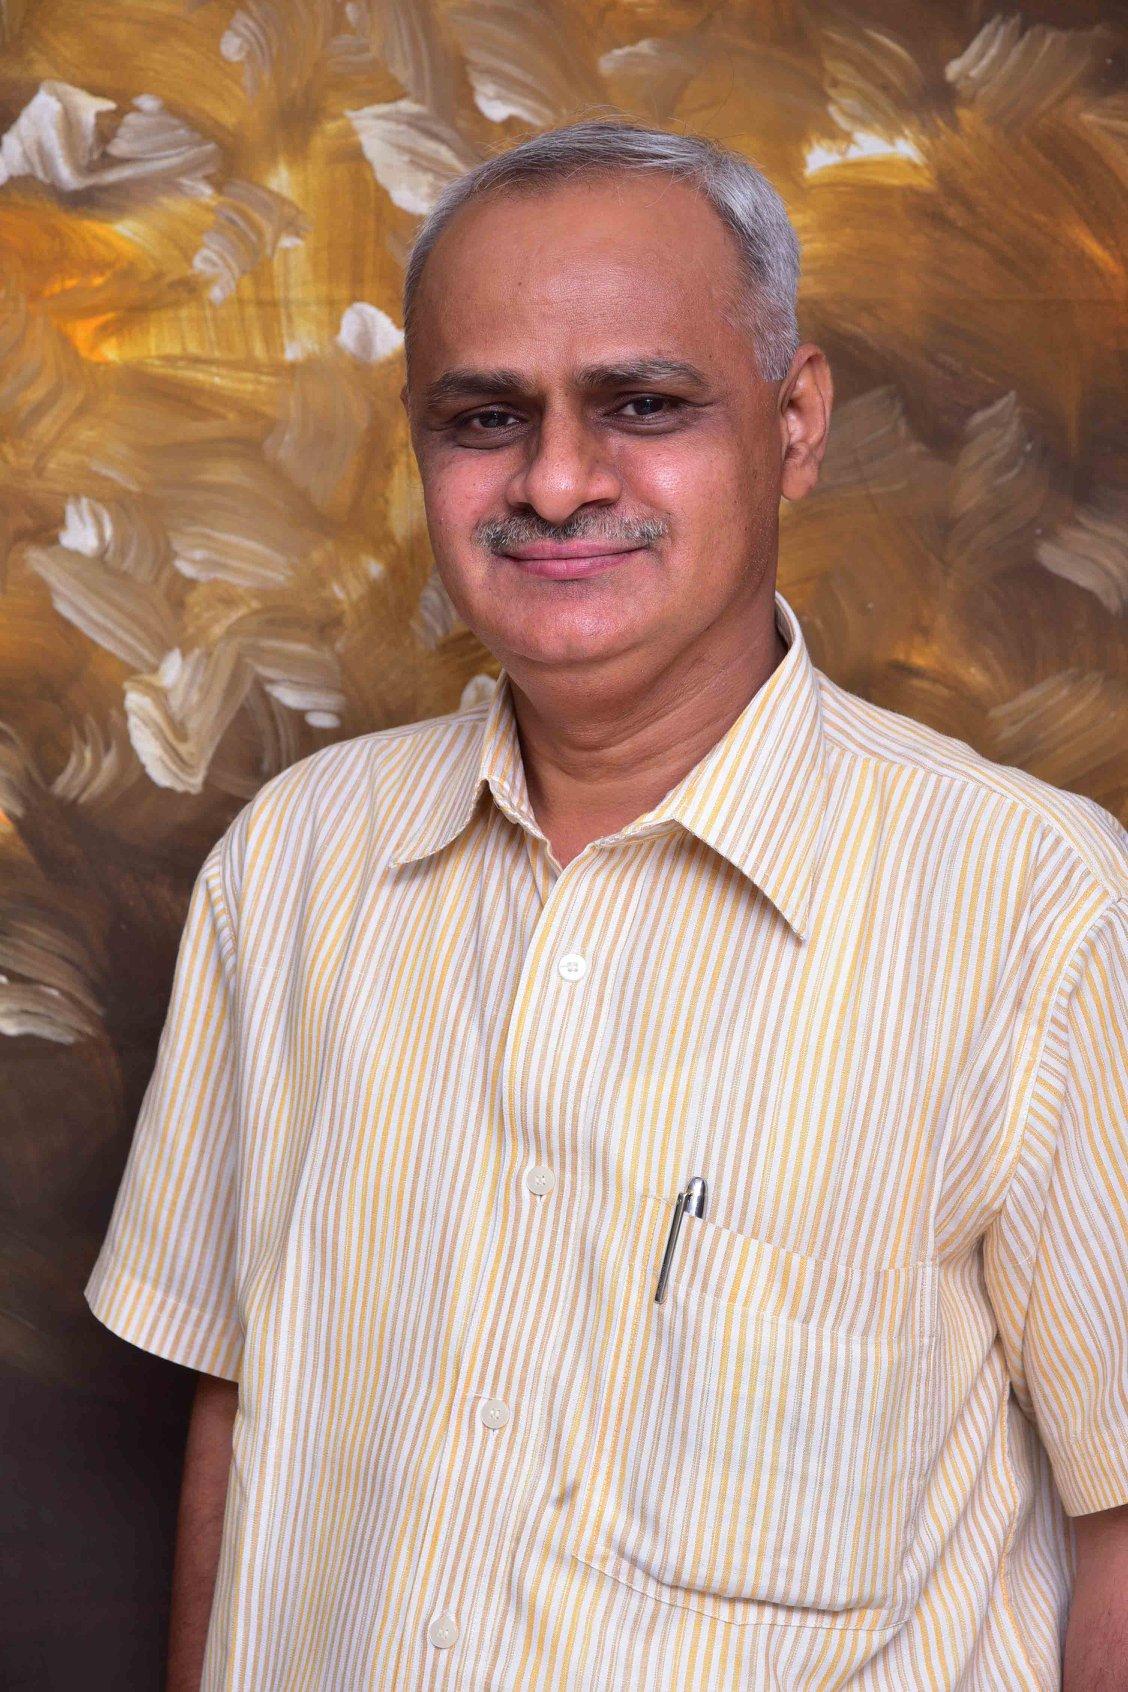 ડો. યોગેશ પરીખ,પ્રમુખ, IAP-ગુજરાત.